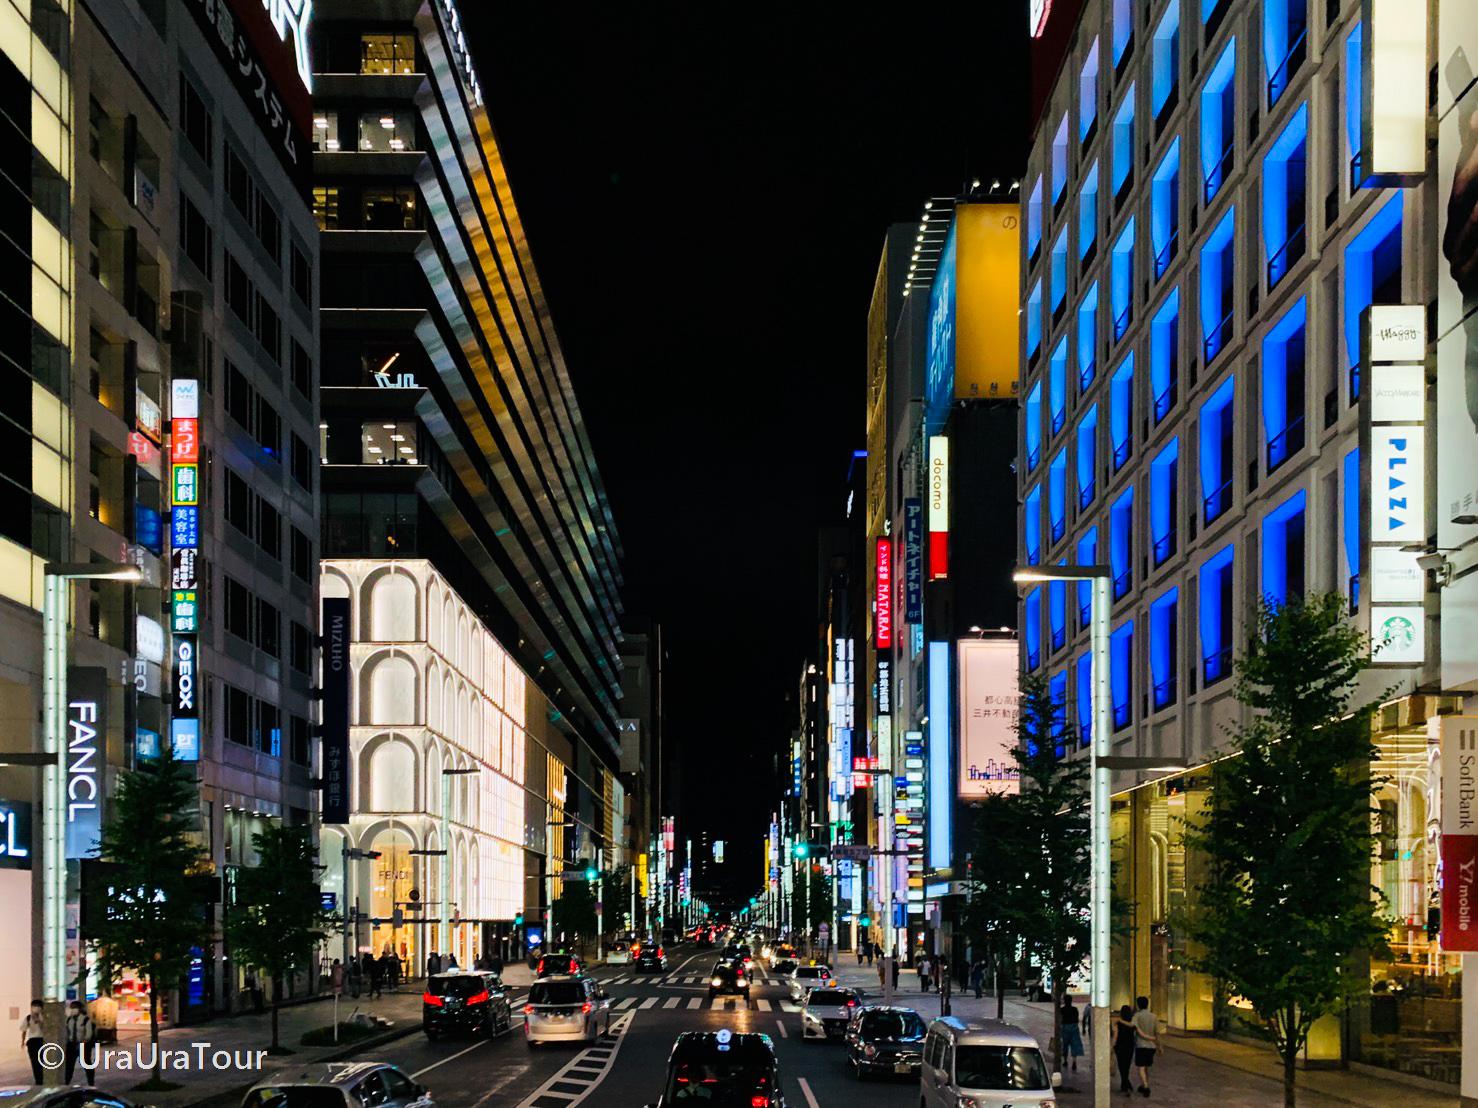 【9/18~運行再開】東京レストランバス ヨーロピアンメニューディナーコース